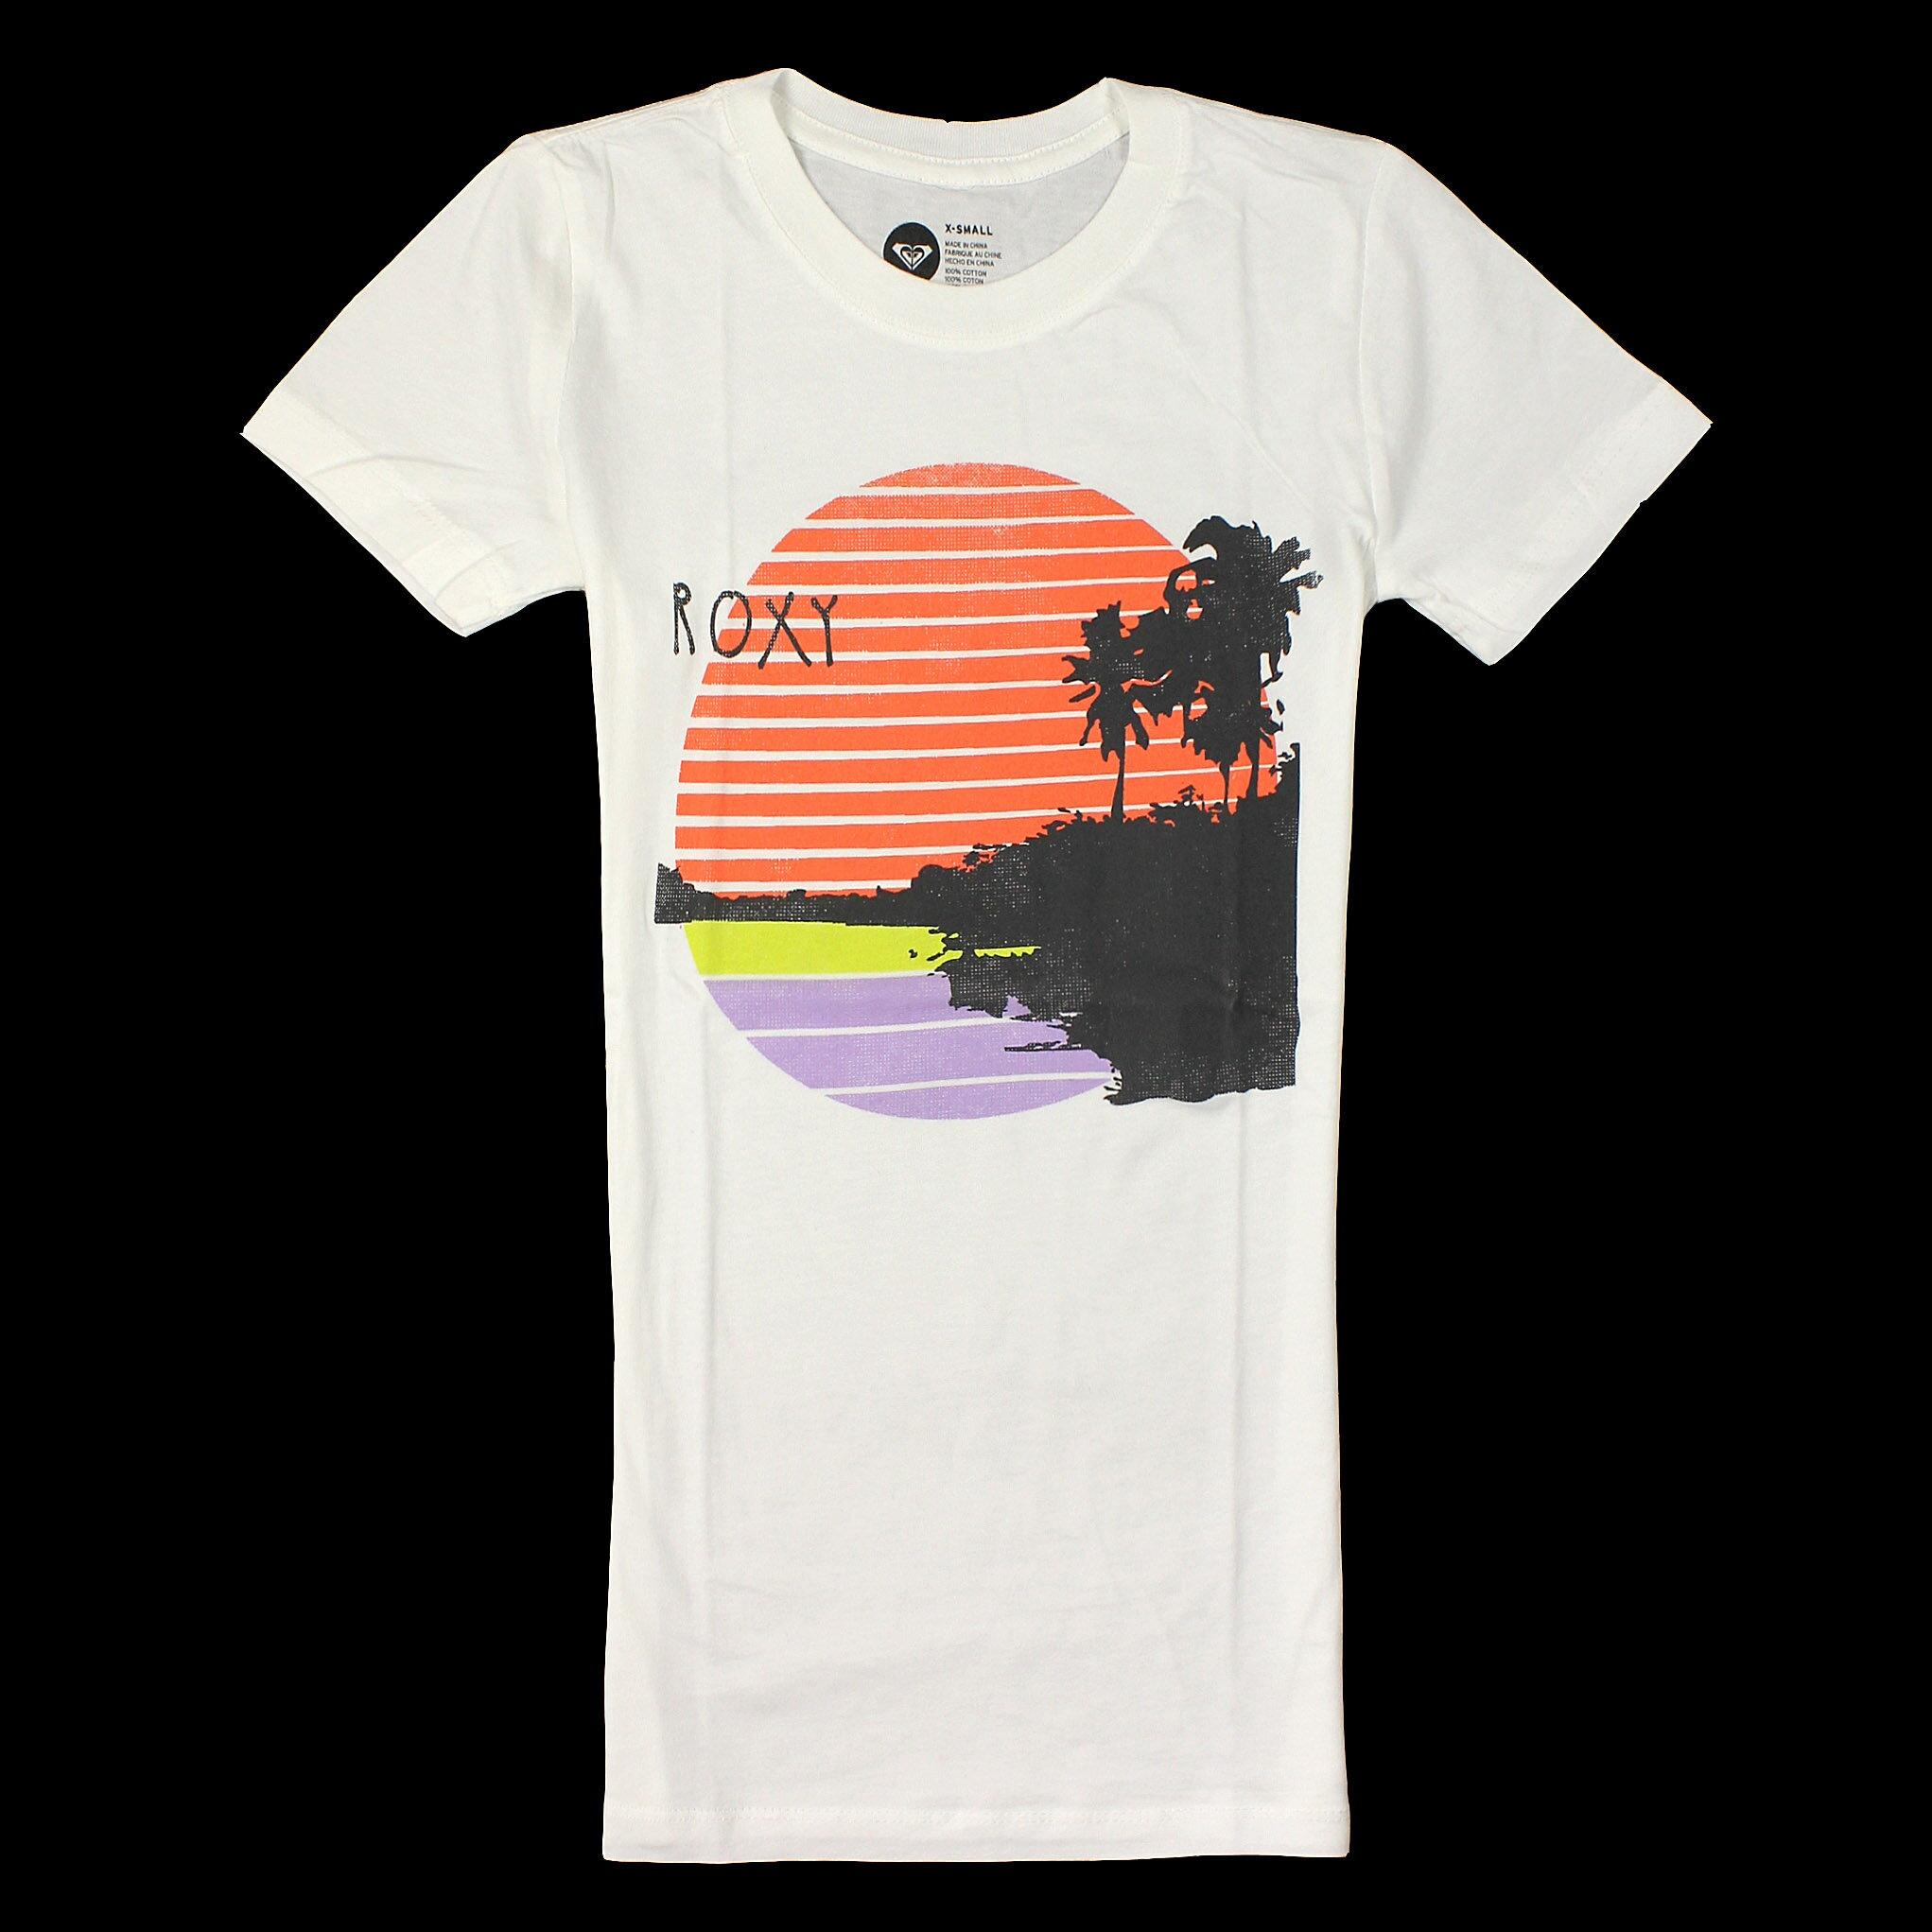 美國百分百【全新真品】Roxy T恤 短袖 上衣 T-shirt Logo 白色 春夏 夕陽 純棉 修身 女衣 XS S M號